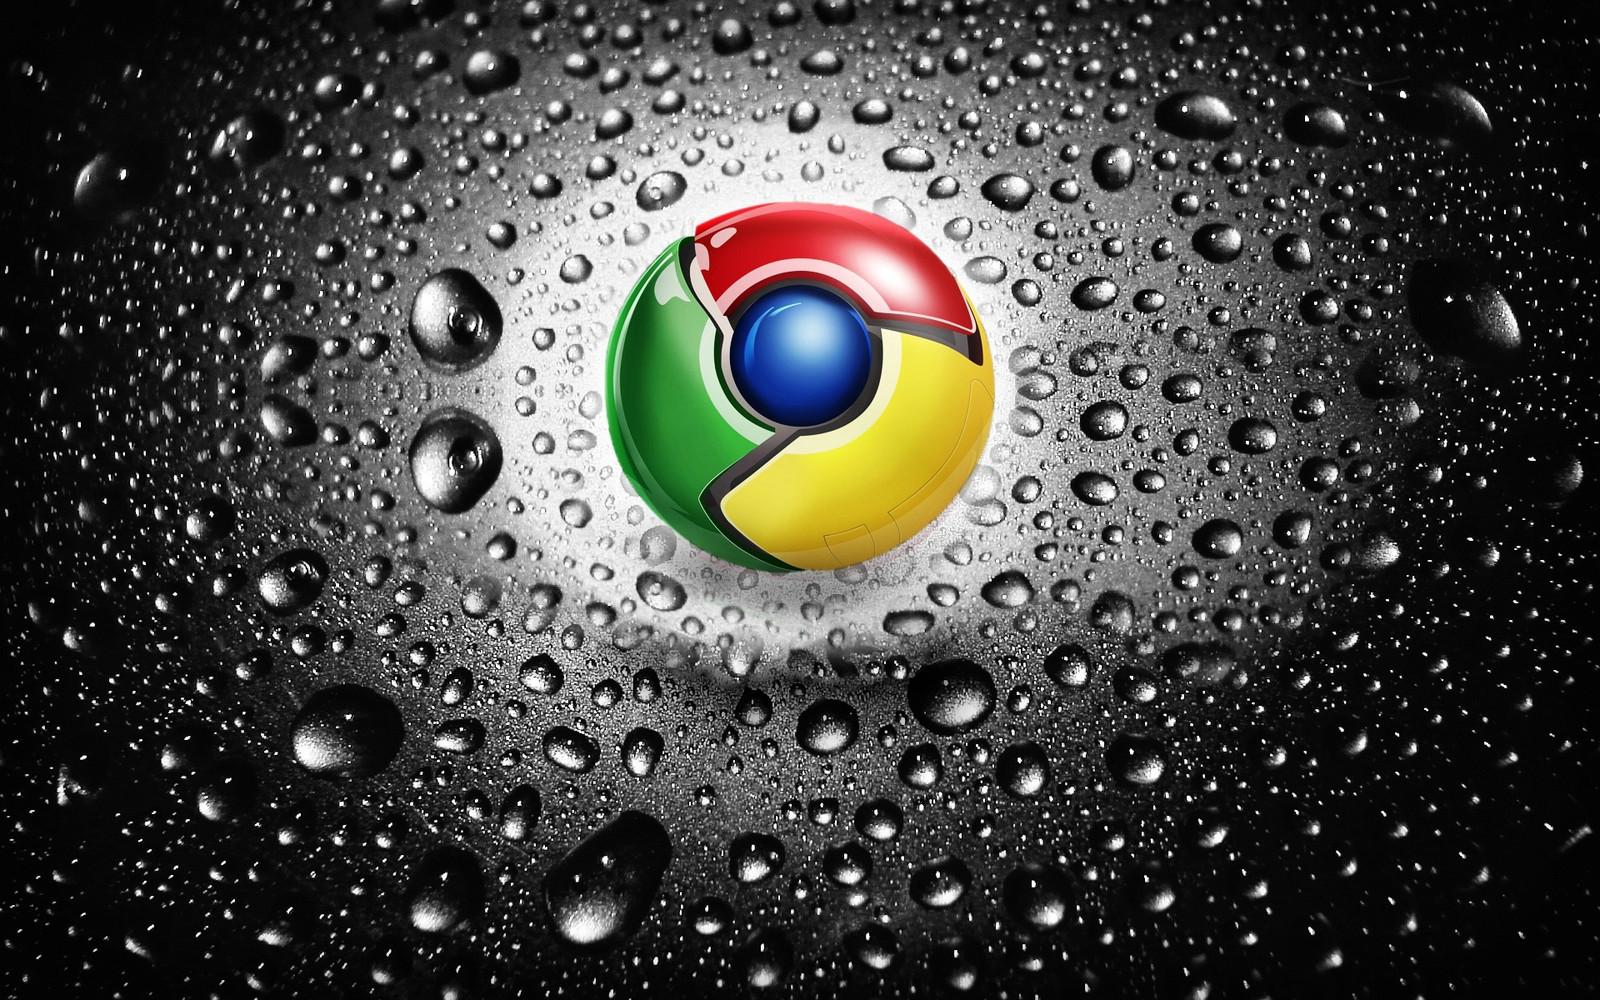 グーグルクロームのロゴが雨に濡れた画像